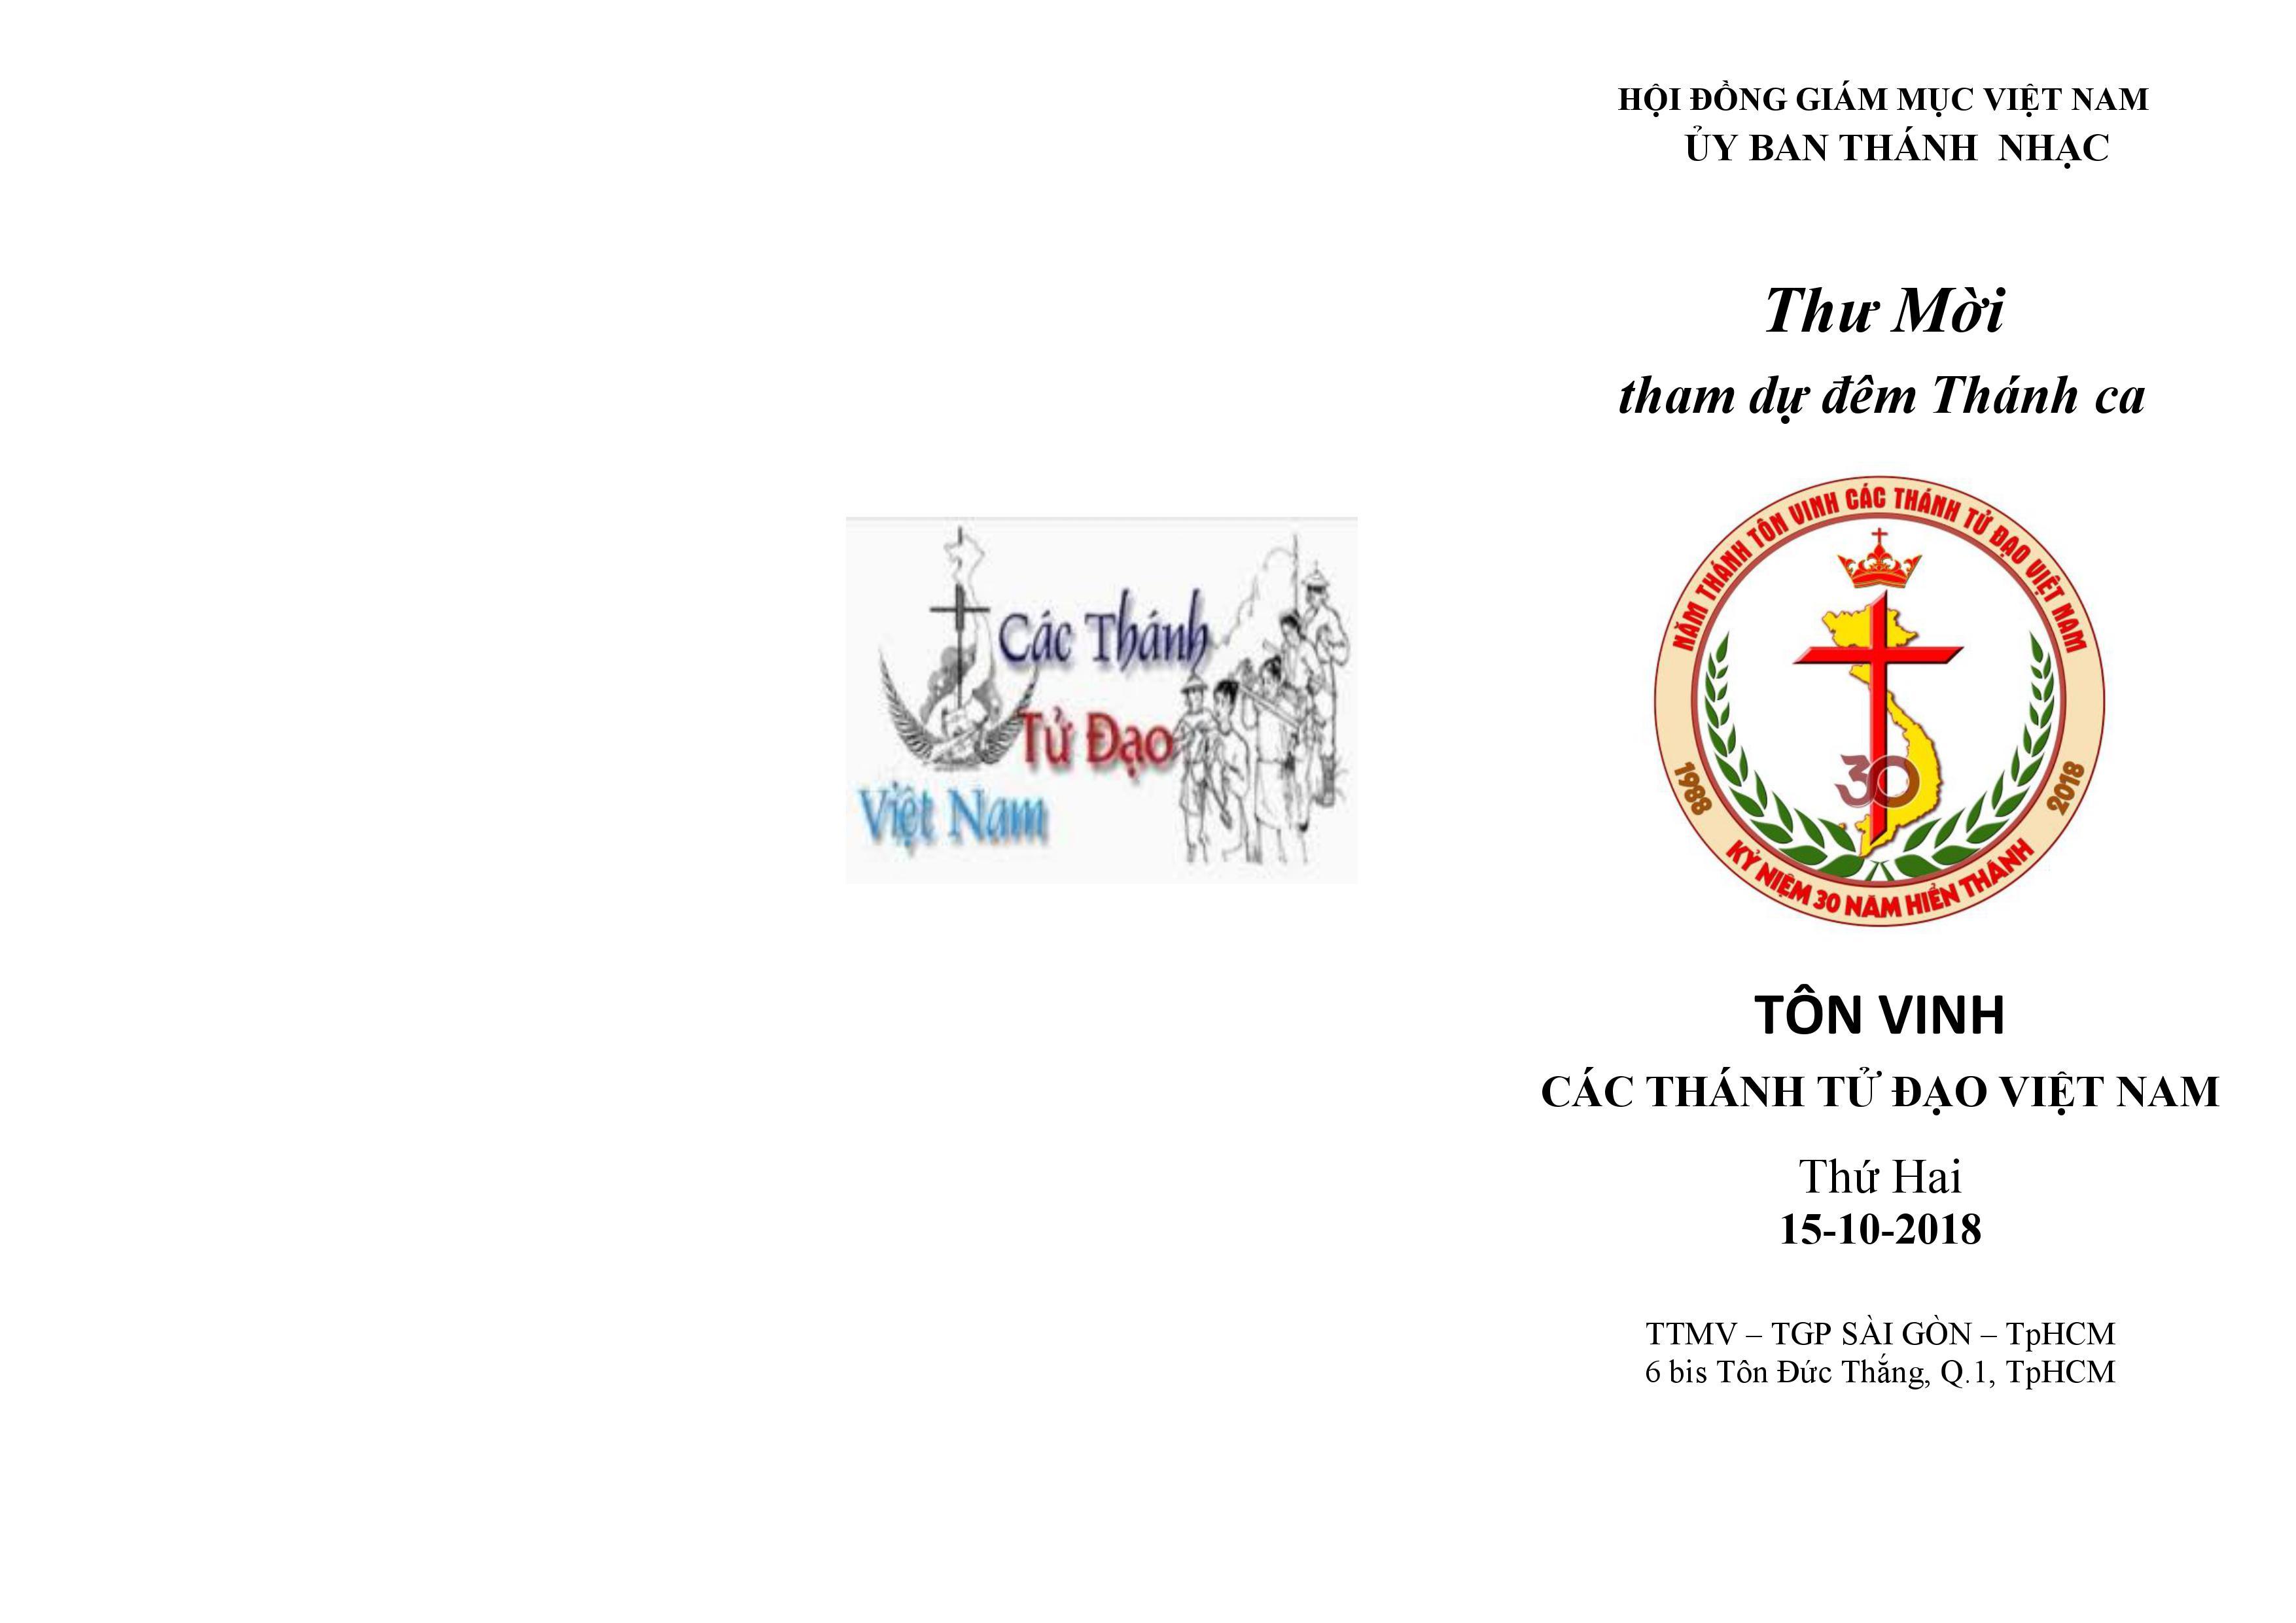 Uỷ ban Thánh nhạc mời tham dự đêm thánh ca tôn vinh các  thánh Tử Đạo Việt Nam